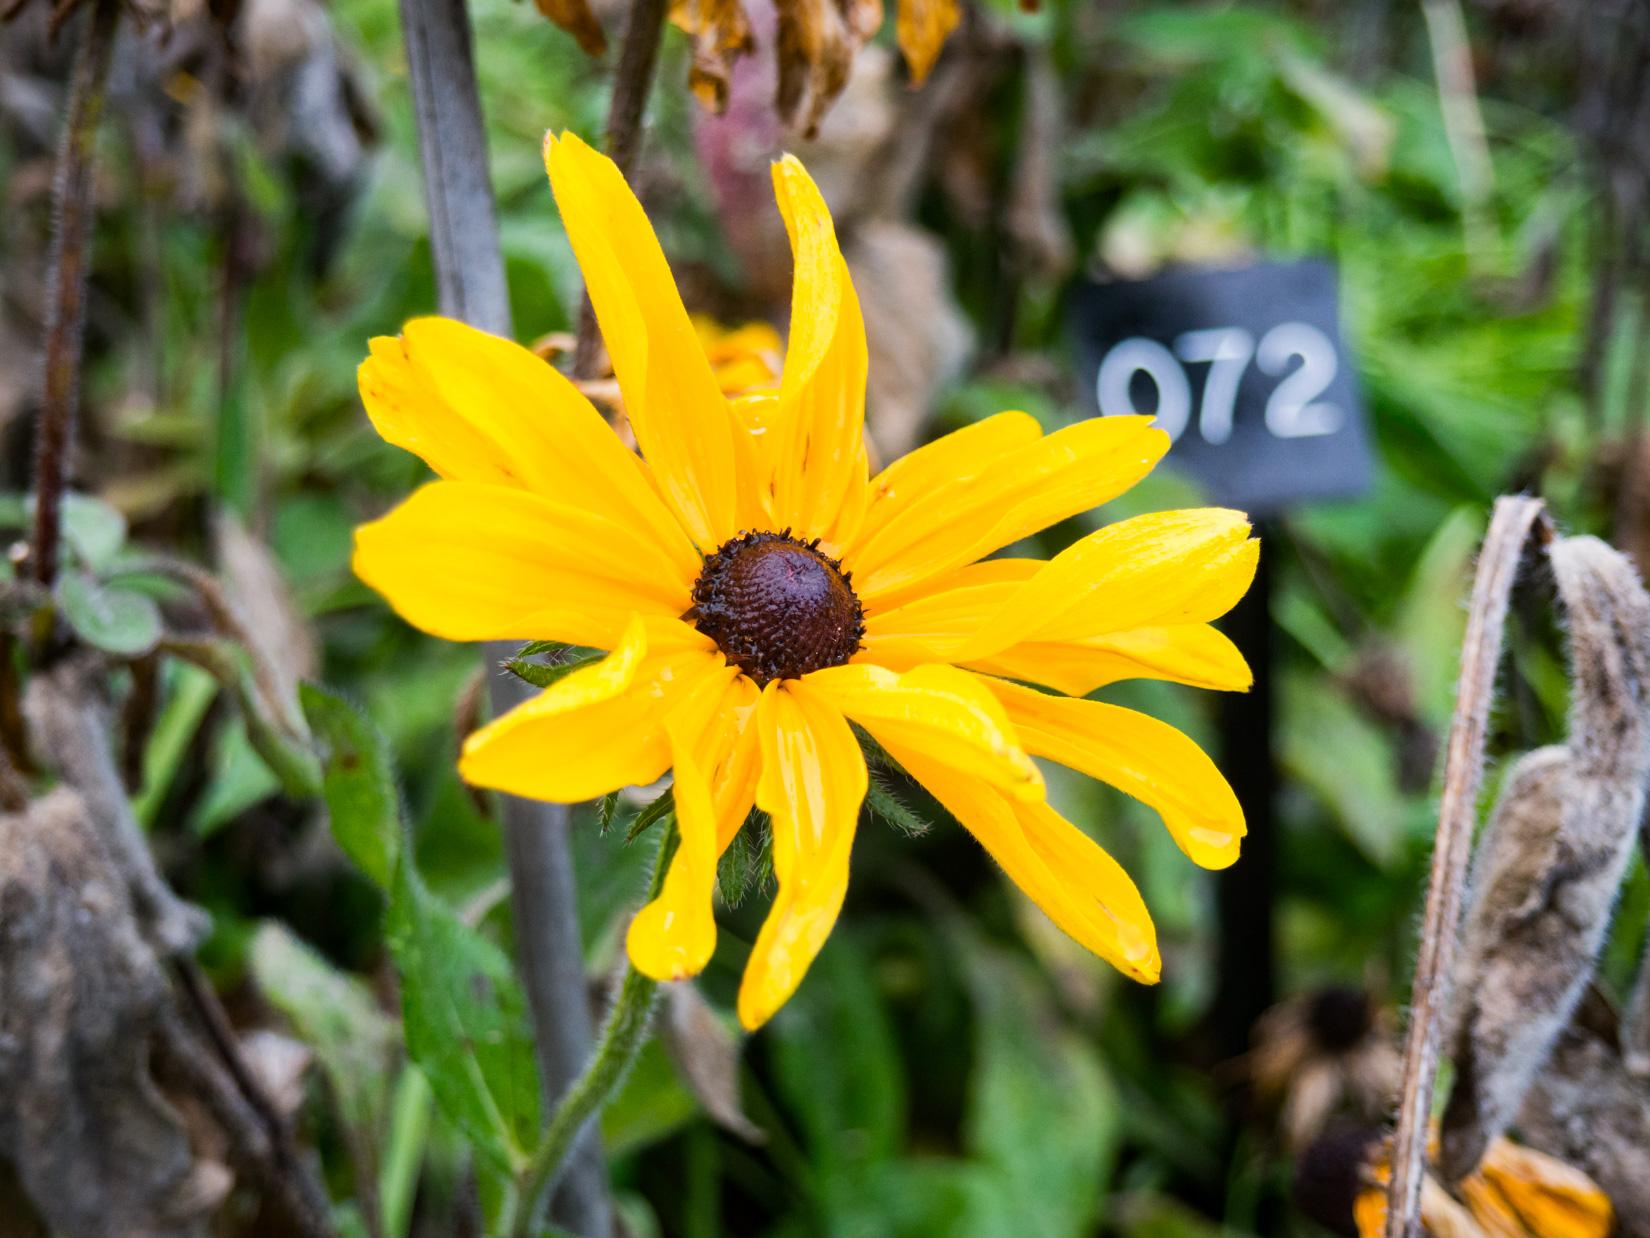 Yellow Flower in Garden